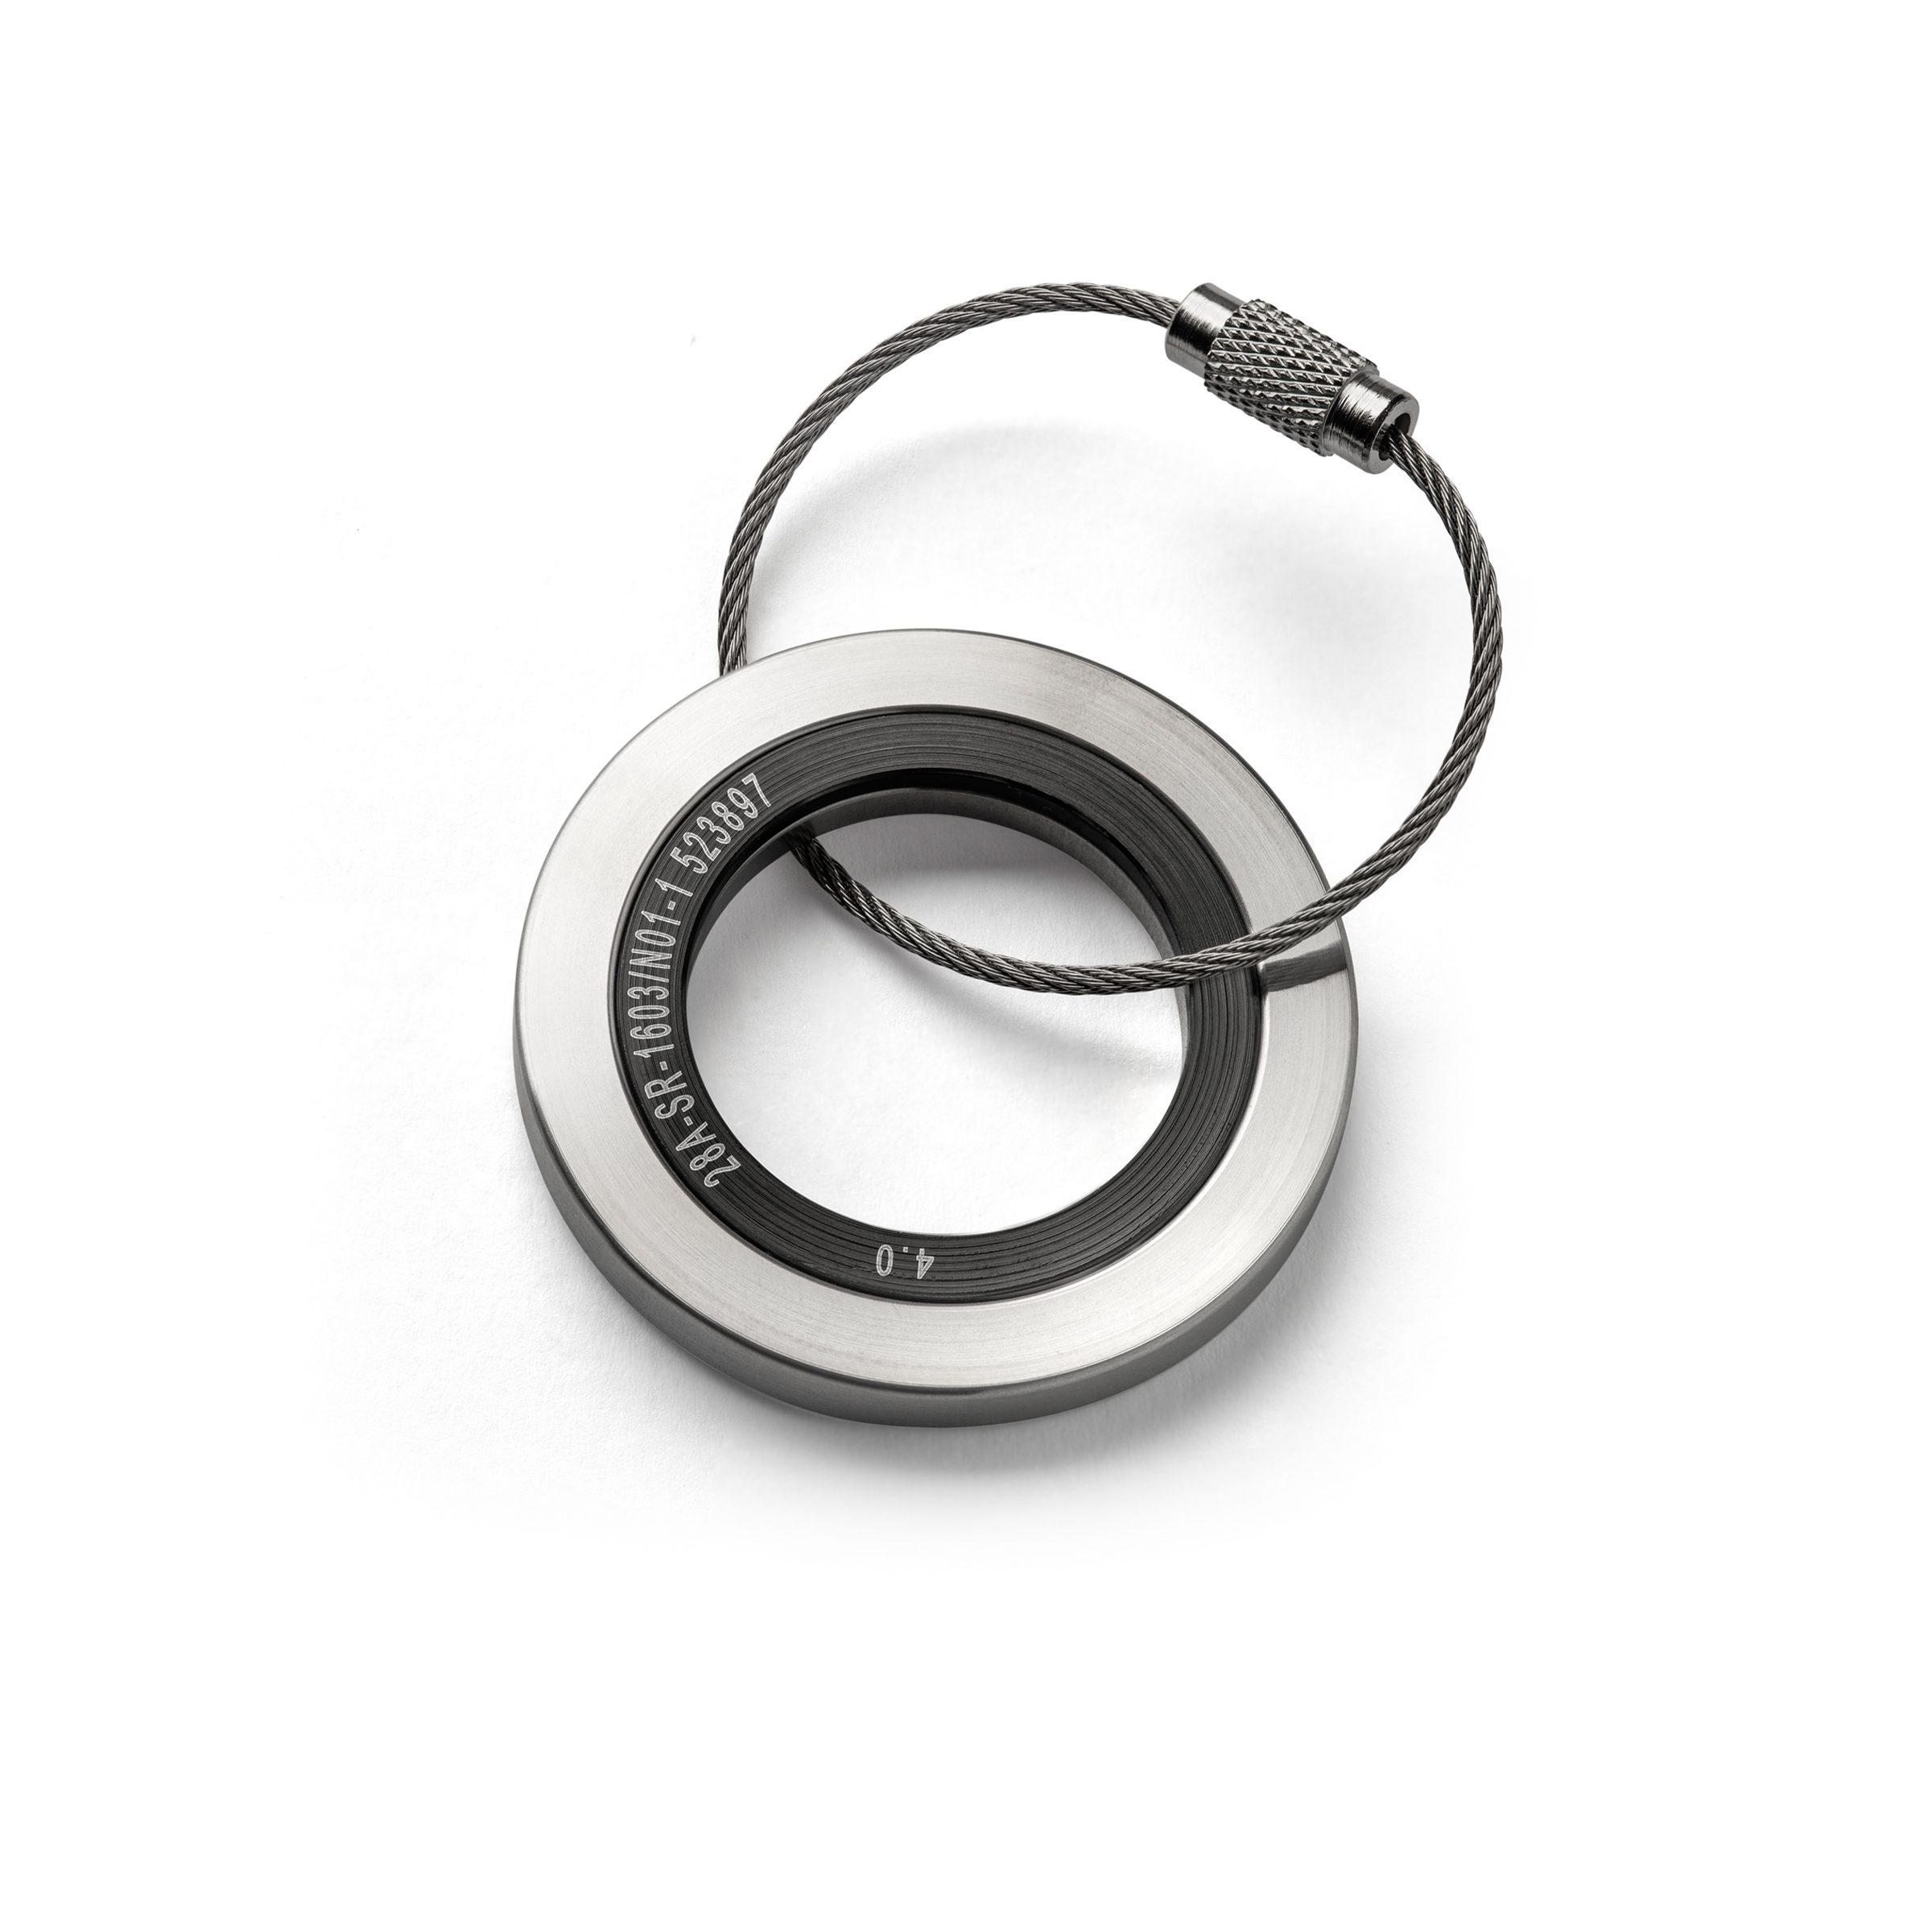 Steel-keyring_McLaren-Keyring_Alice-made-this_4.0.jpg